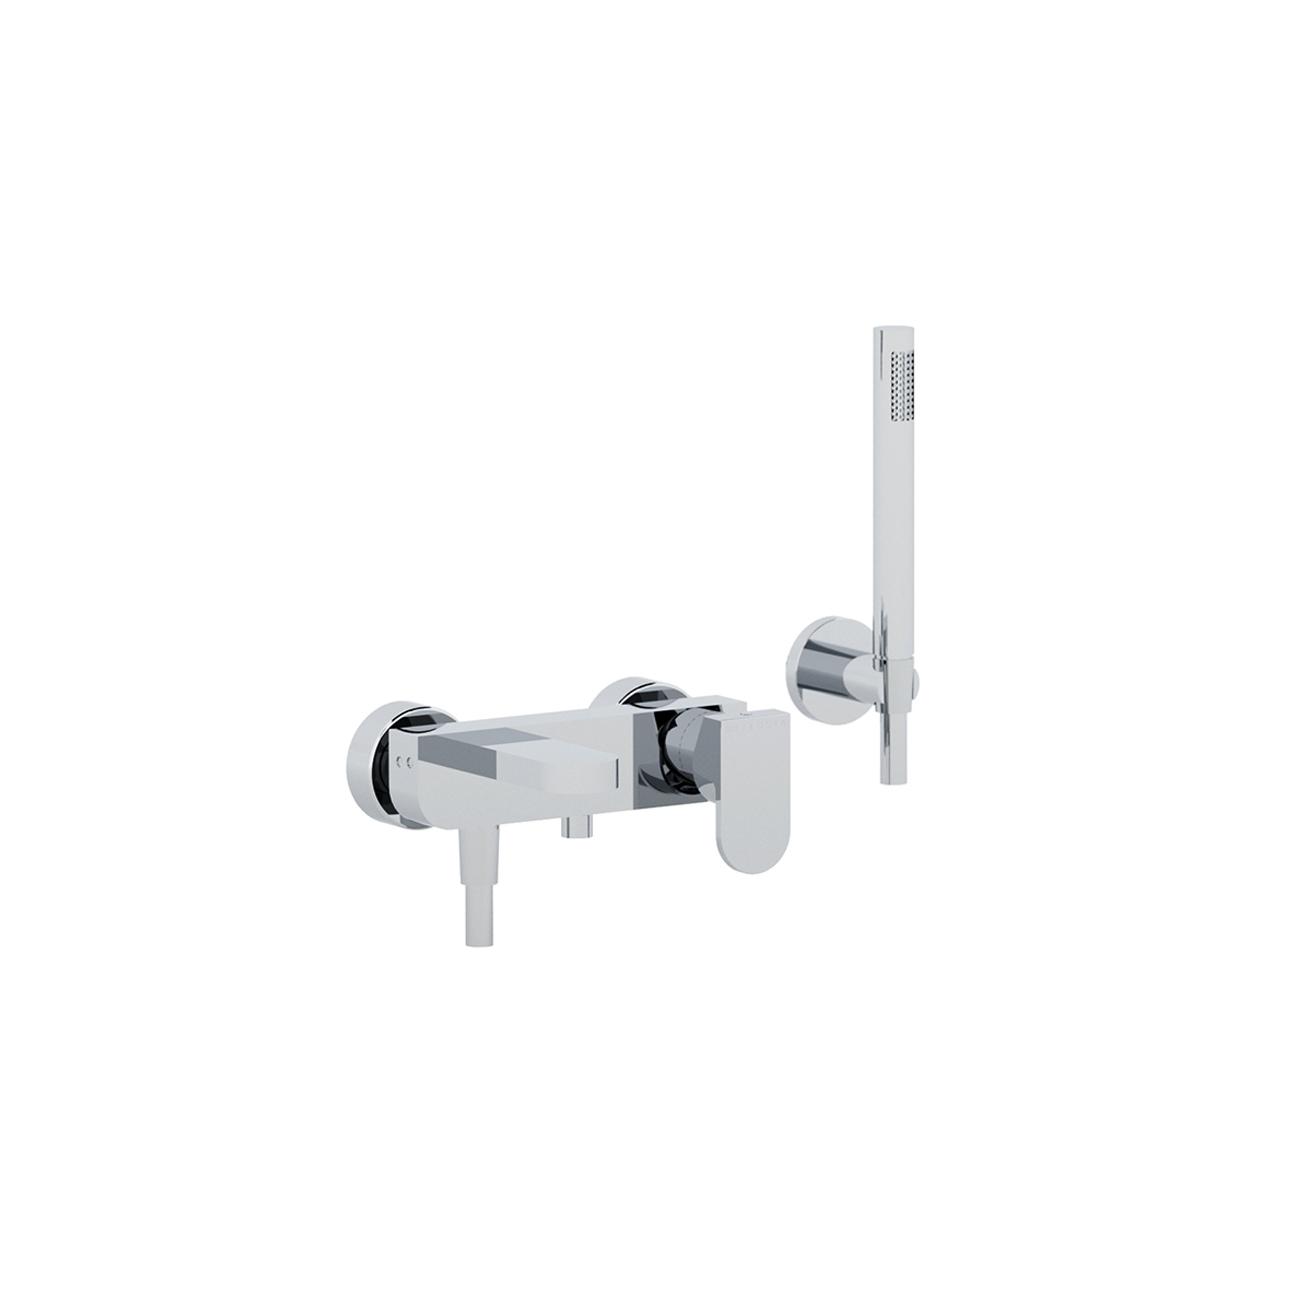 BELLOSTA BABY S 7201/A Wall mounted bath mixer